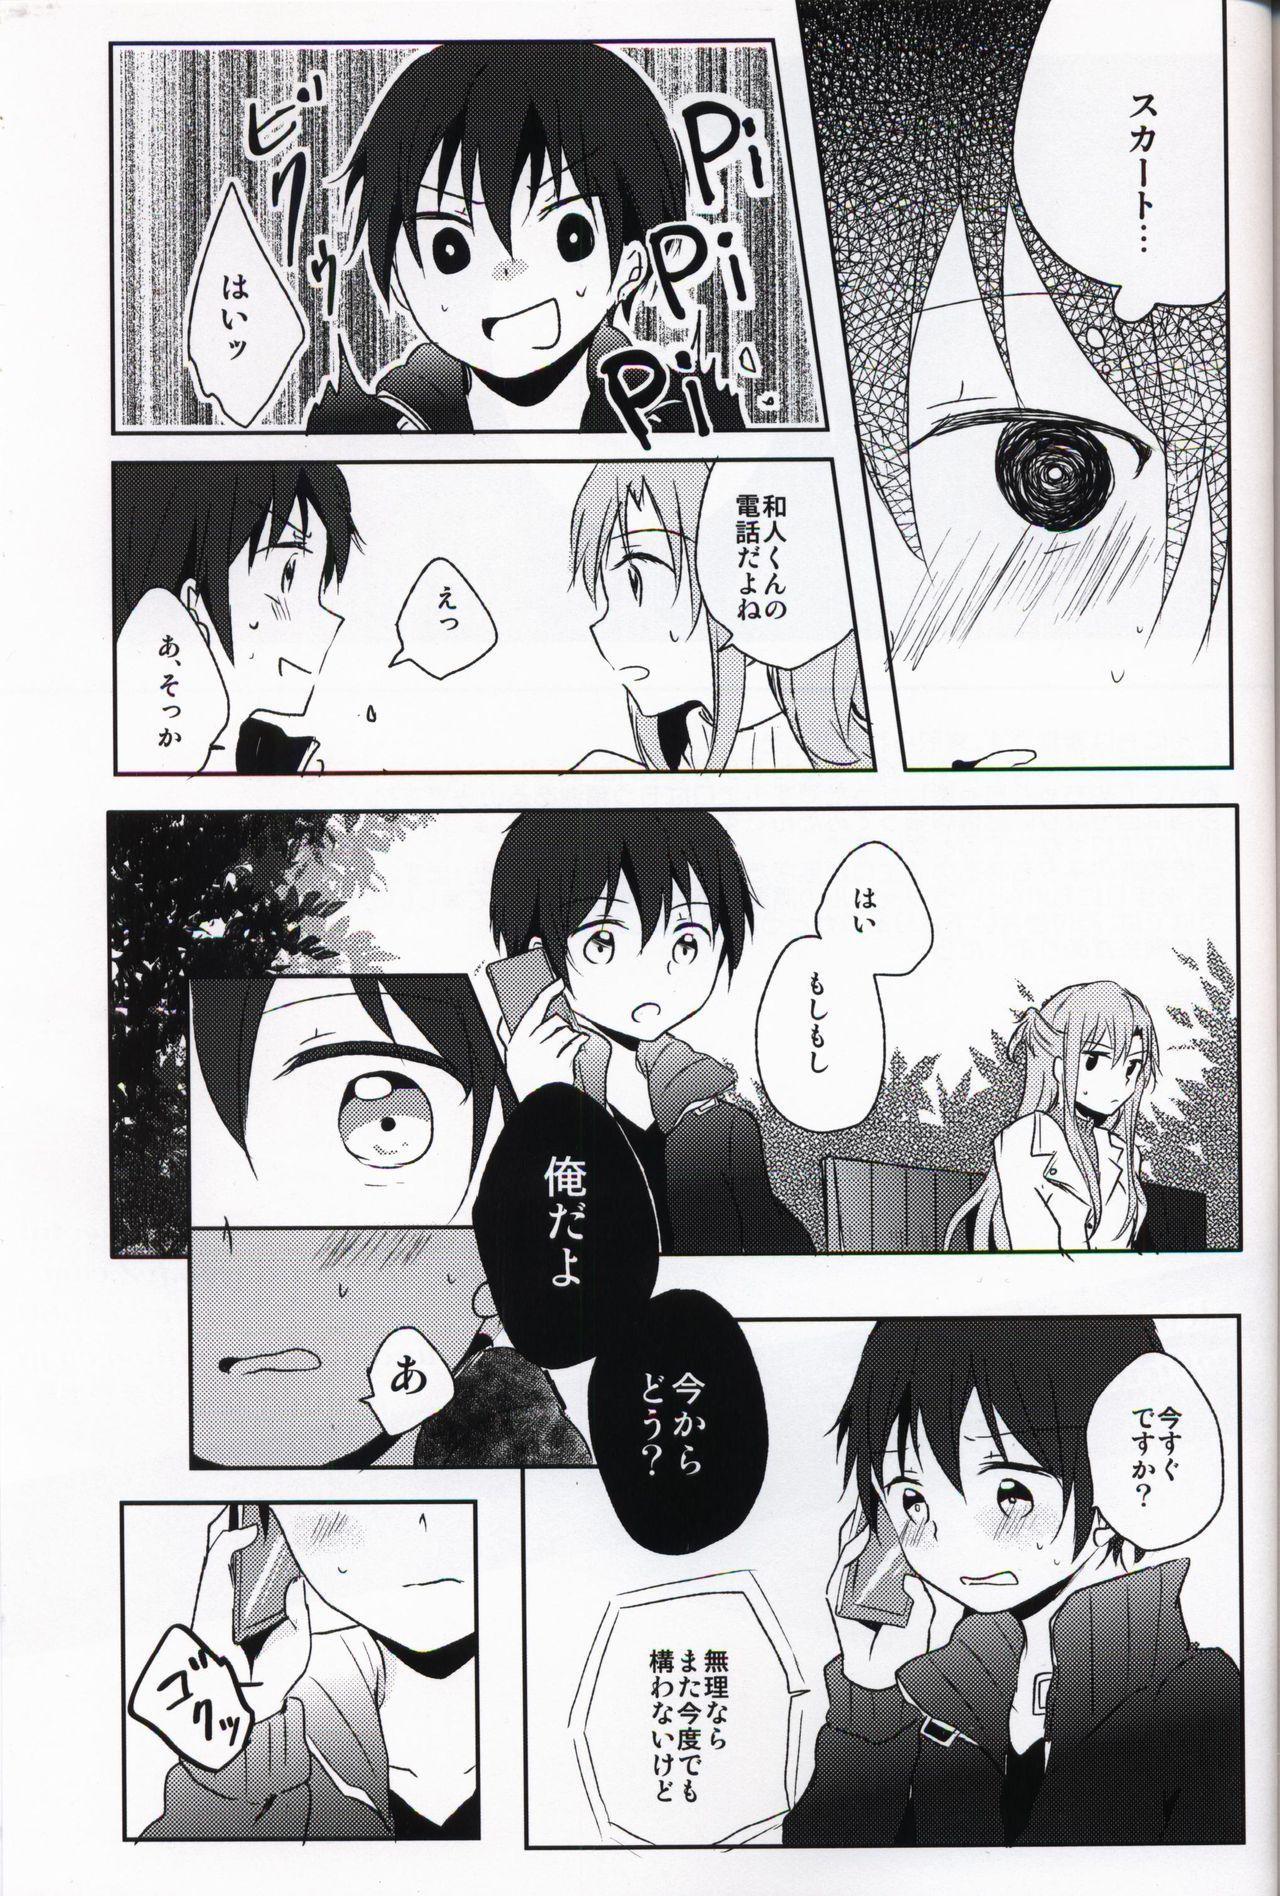 Netorare-kei Danshi. 23